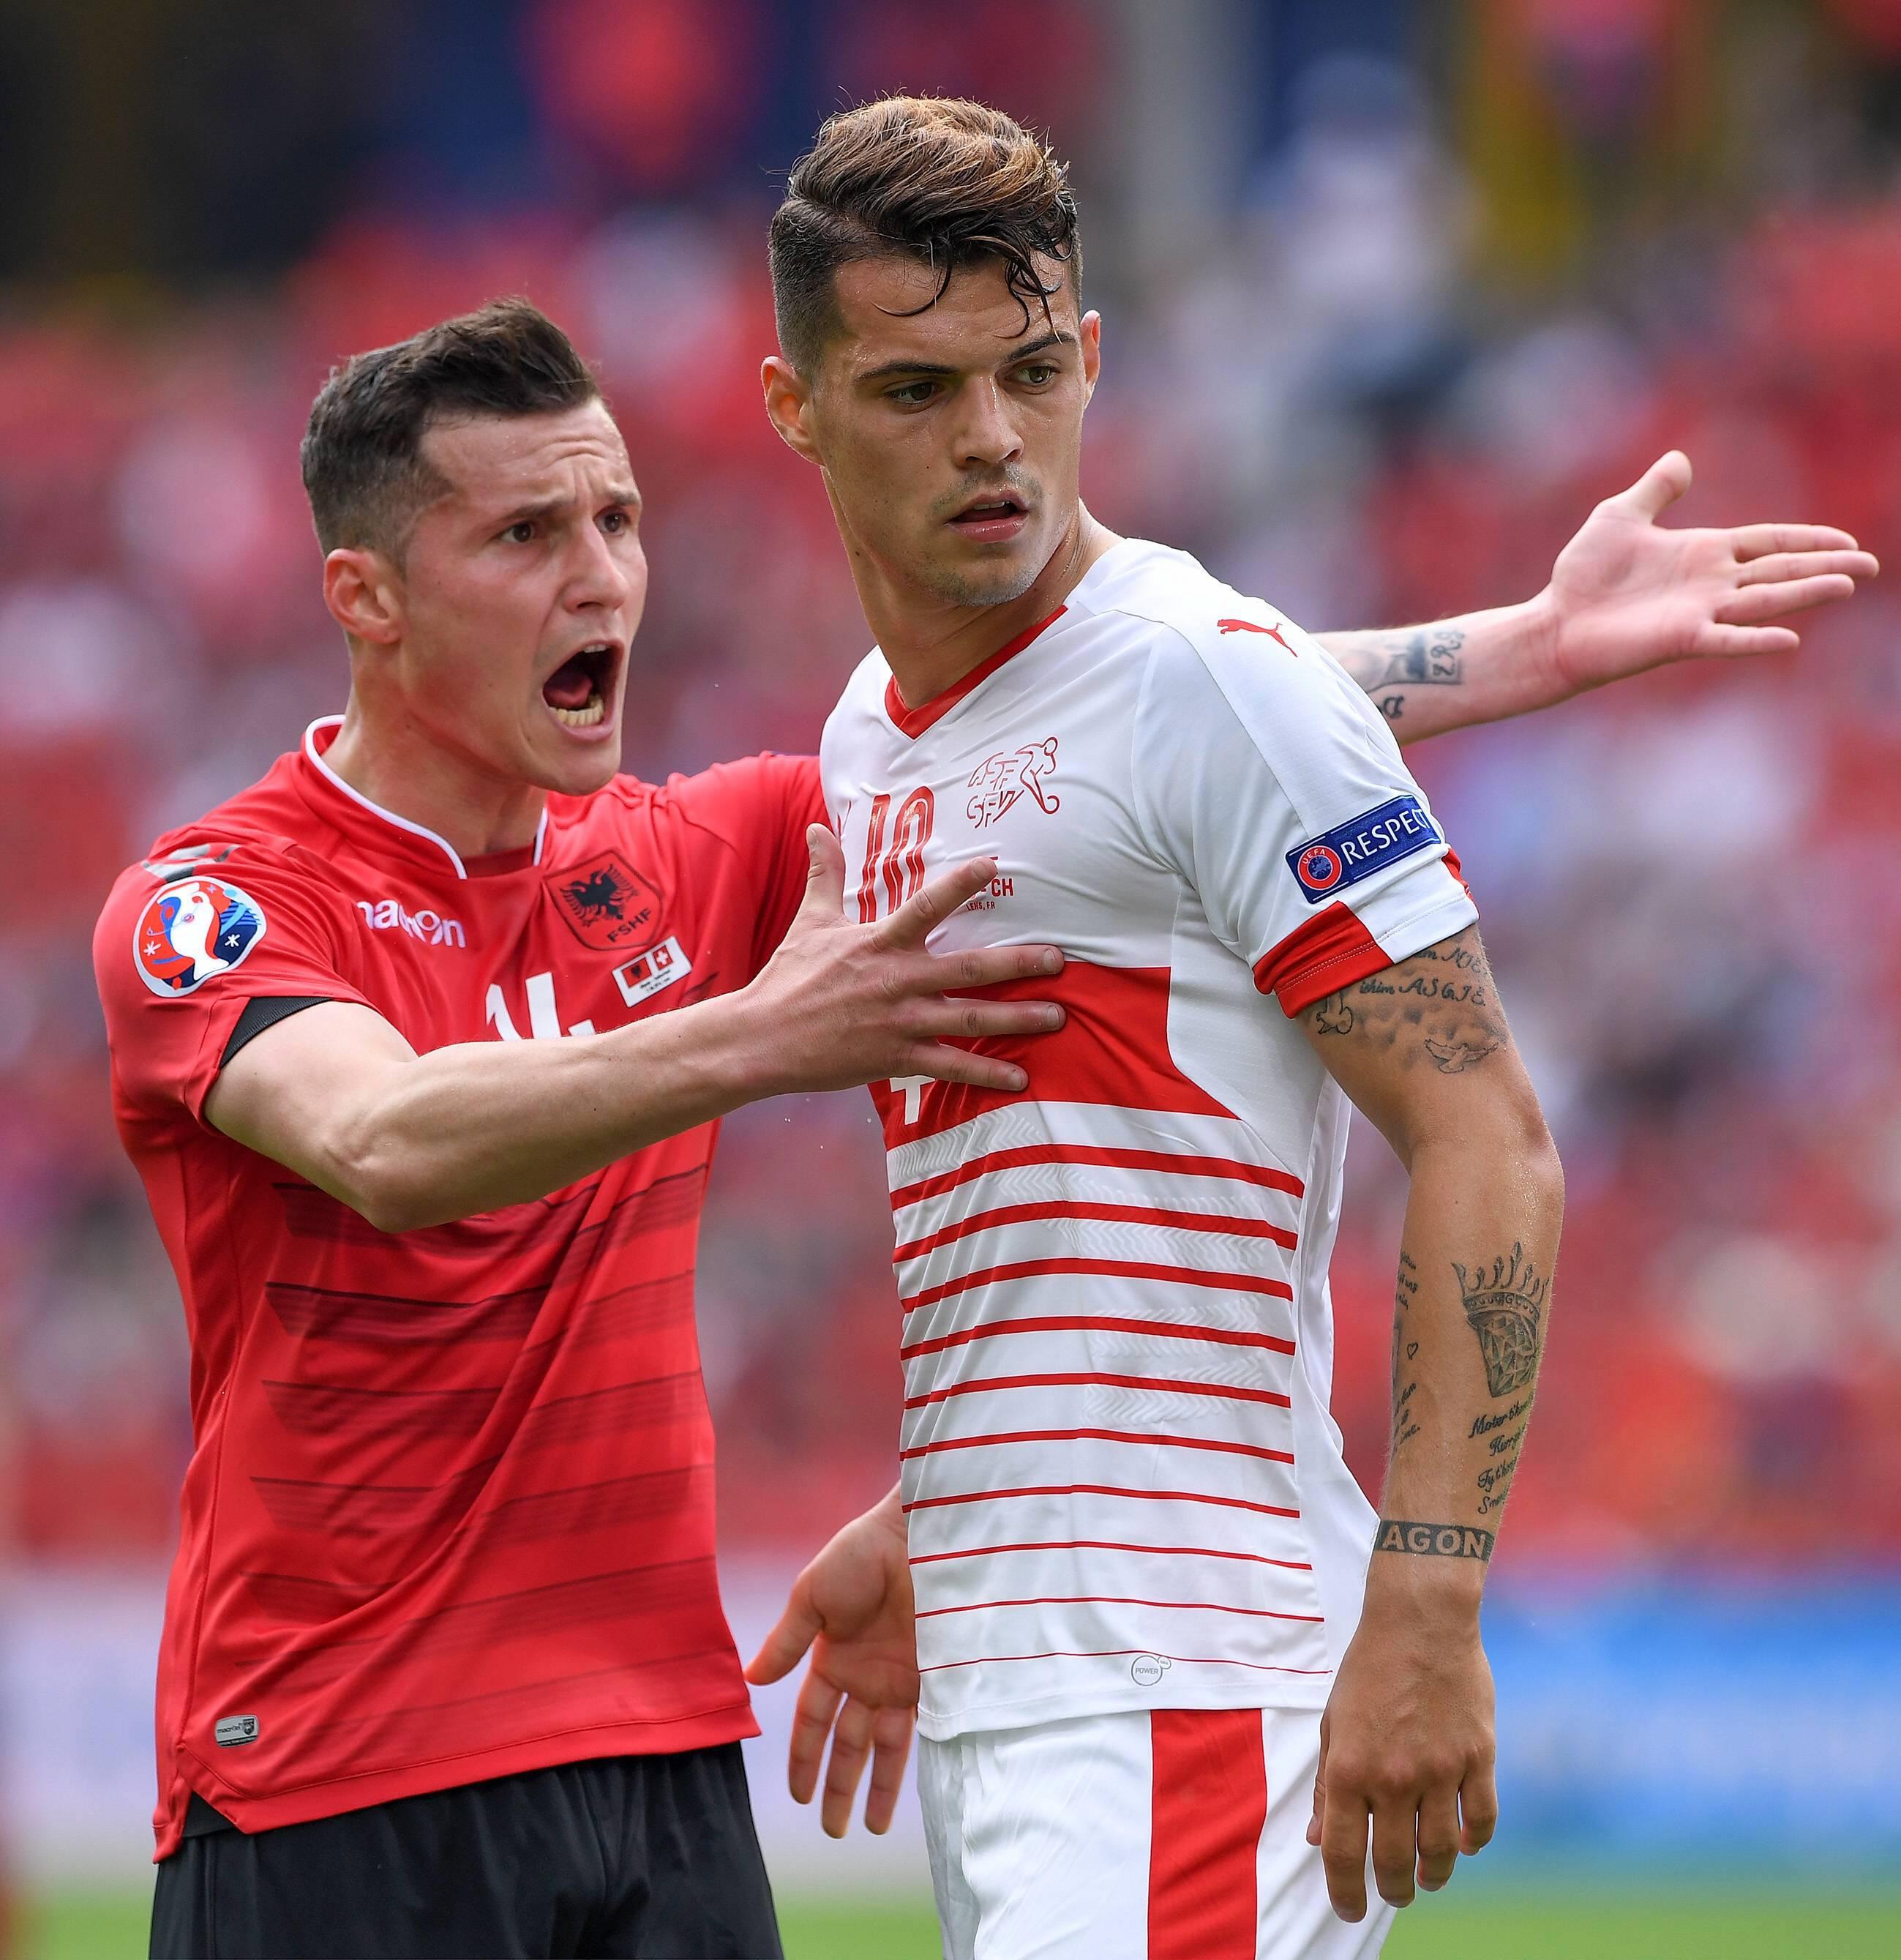 Football - Ligue des champions - Arsenal-Bâle : les frères Xhaka de nouveau face à face